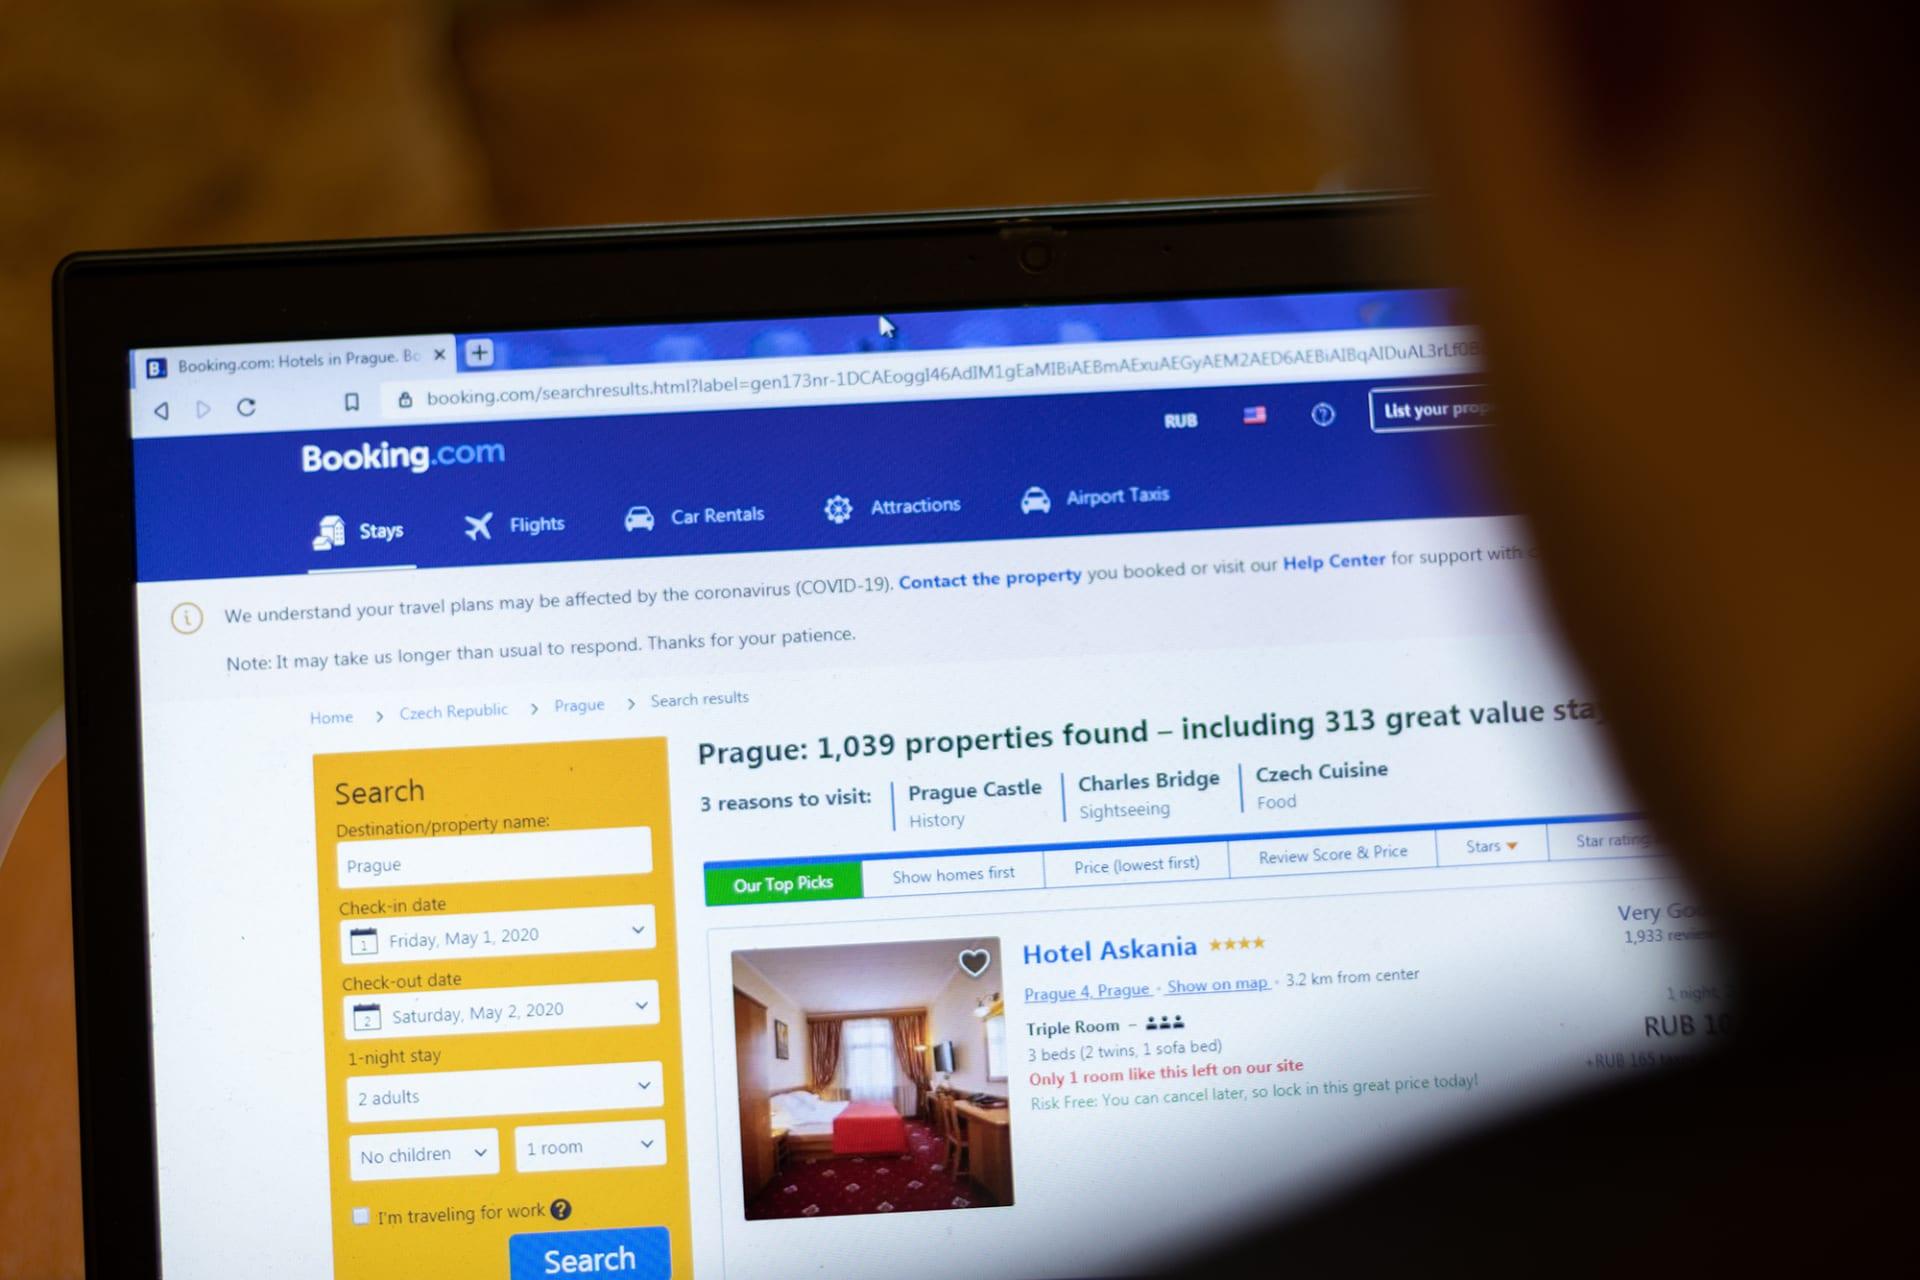 موقع الحجوزات Booking.com يسرح 25٪ من موظفيه حول العالم